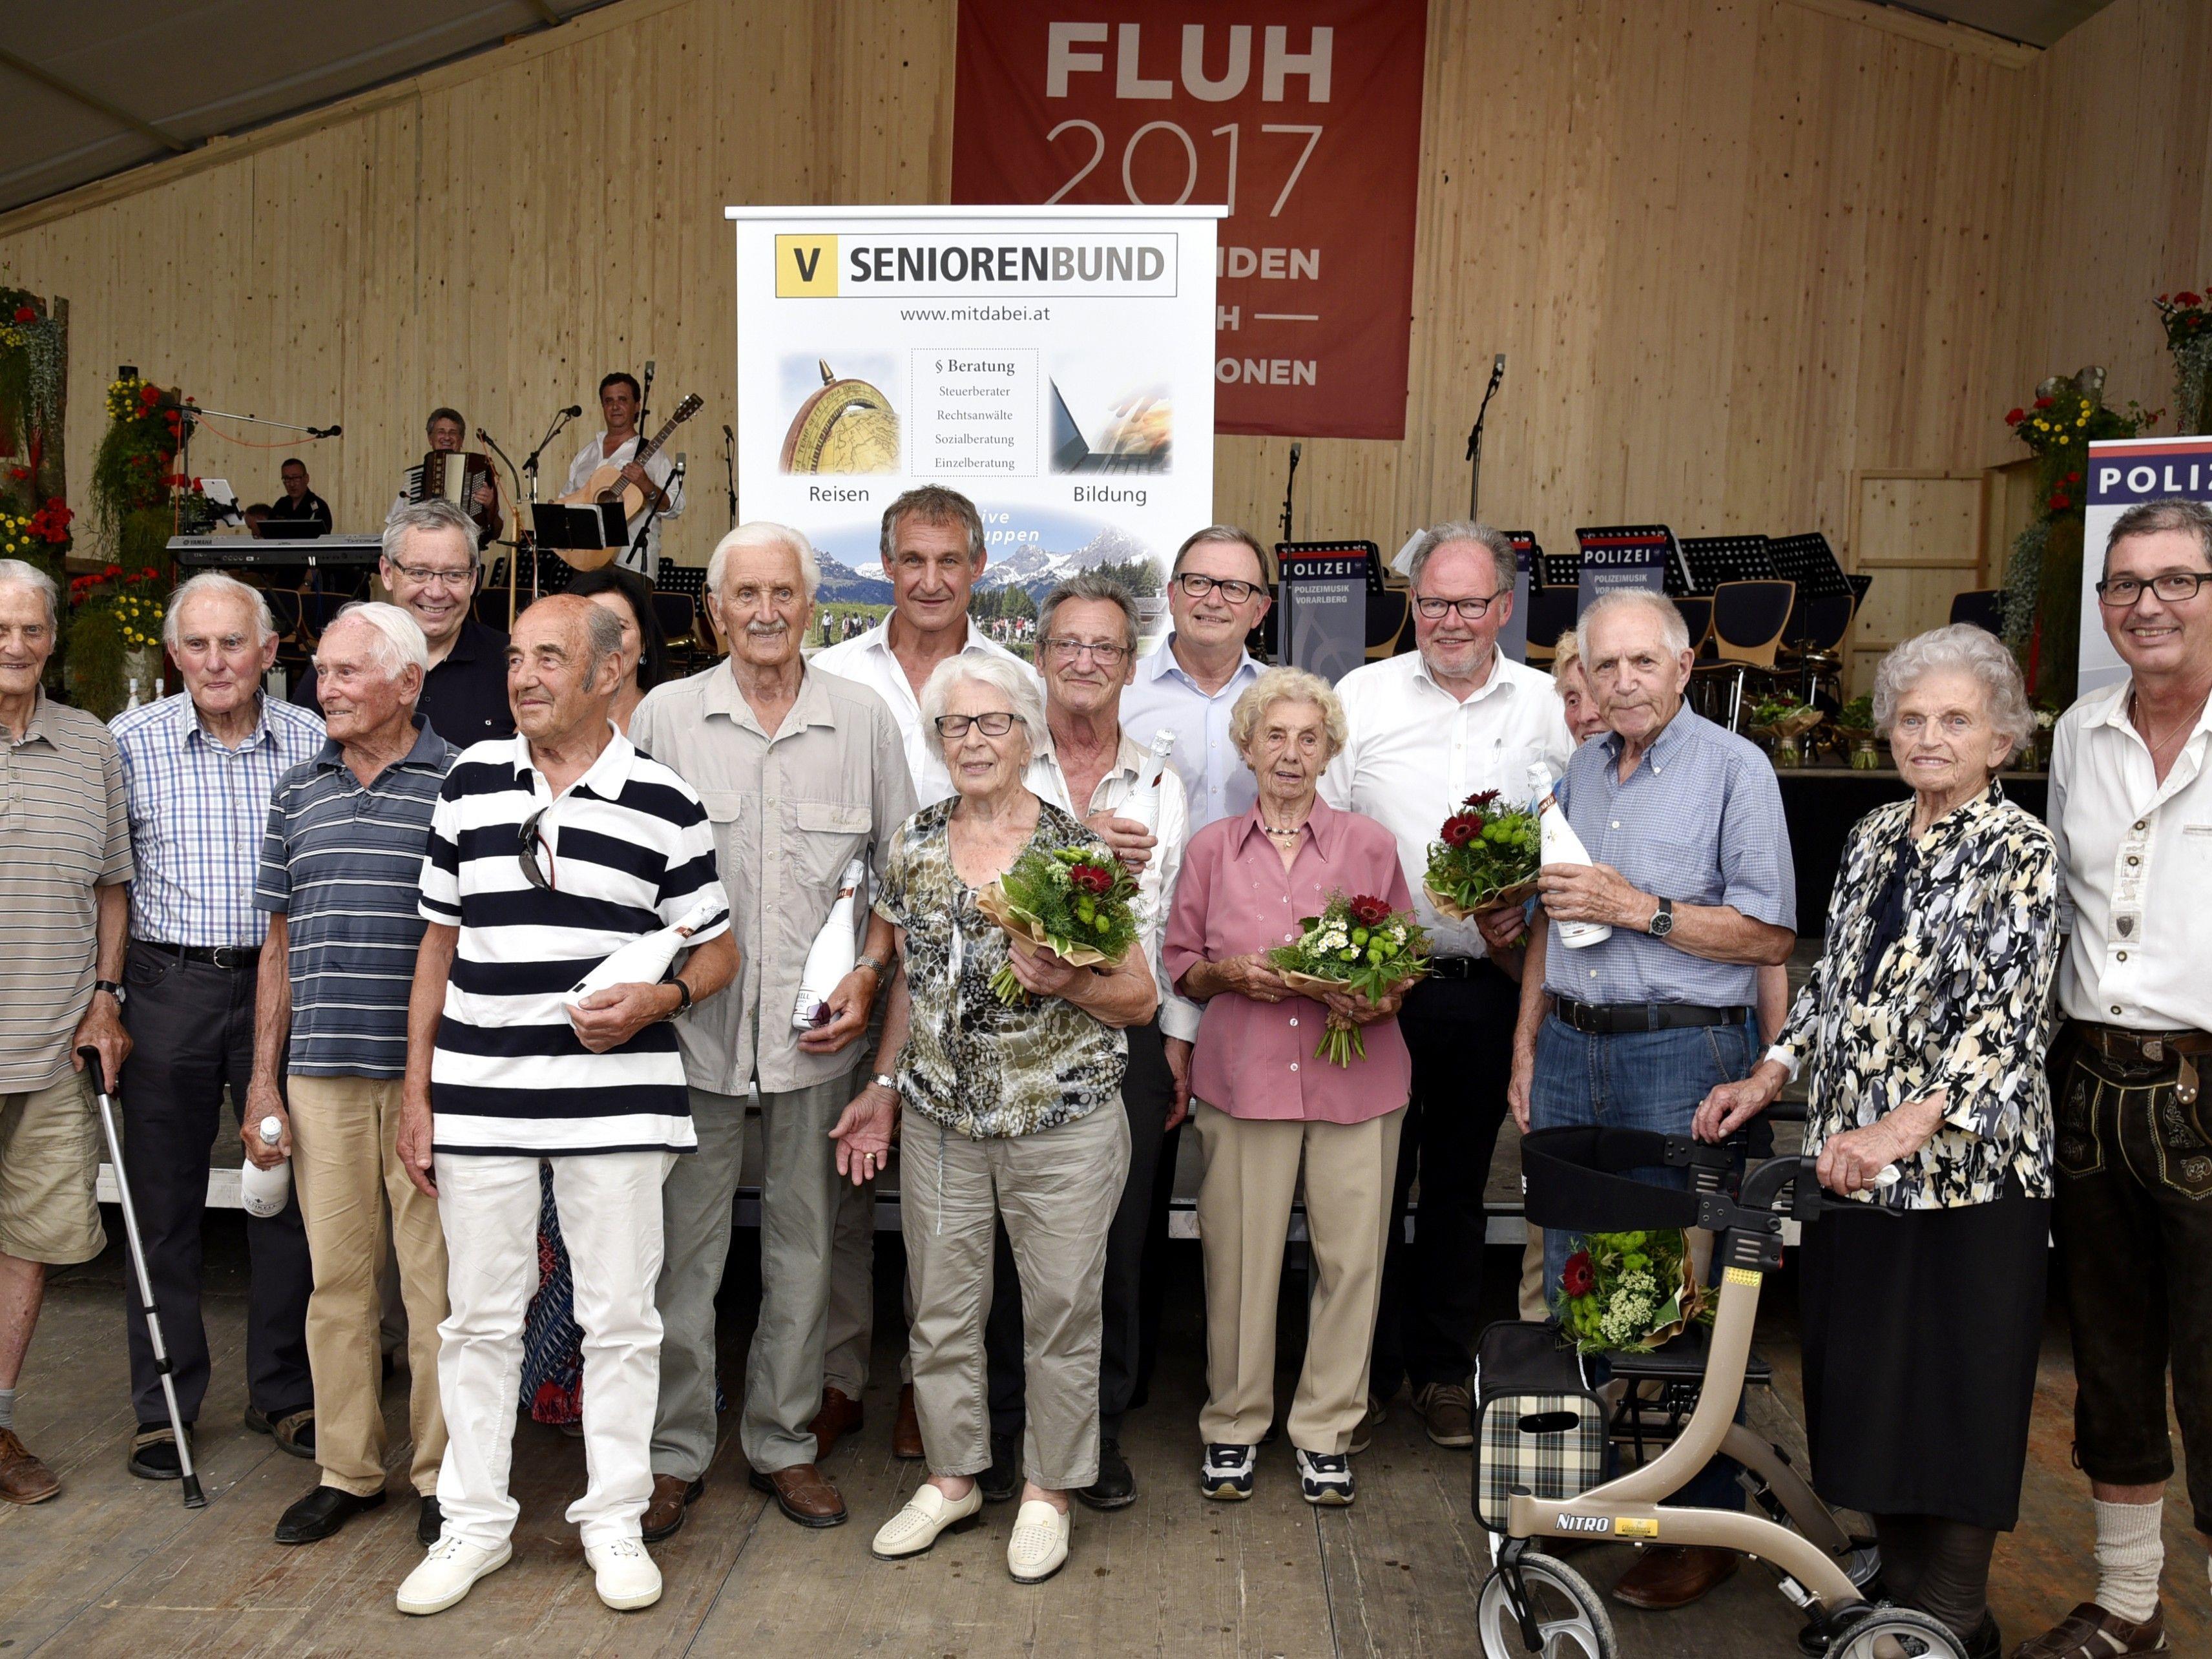 Beim Seniorenbund Landestrefffen auf der Fluh wurden die Jubiläre mit einem Präsent geehrt